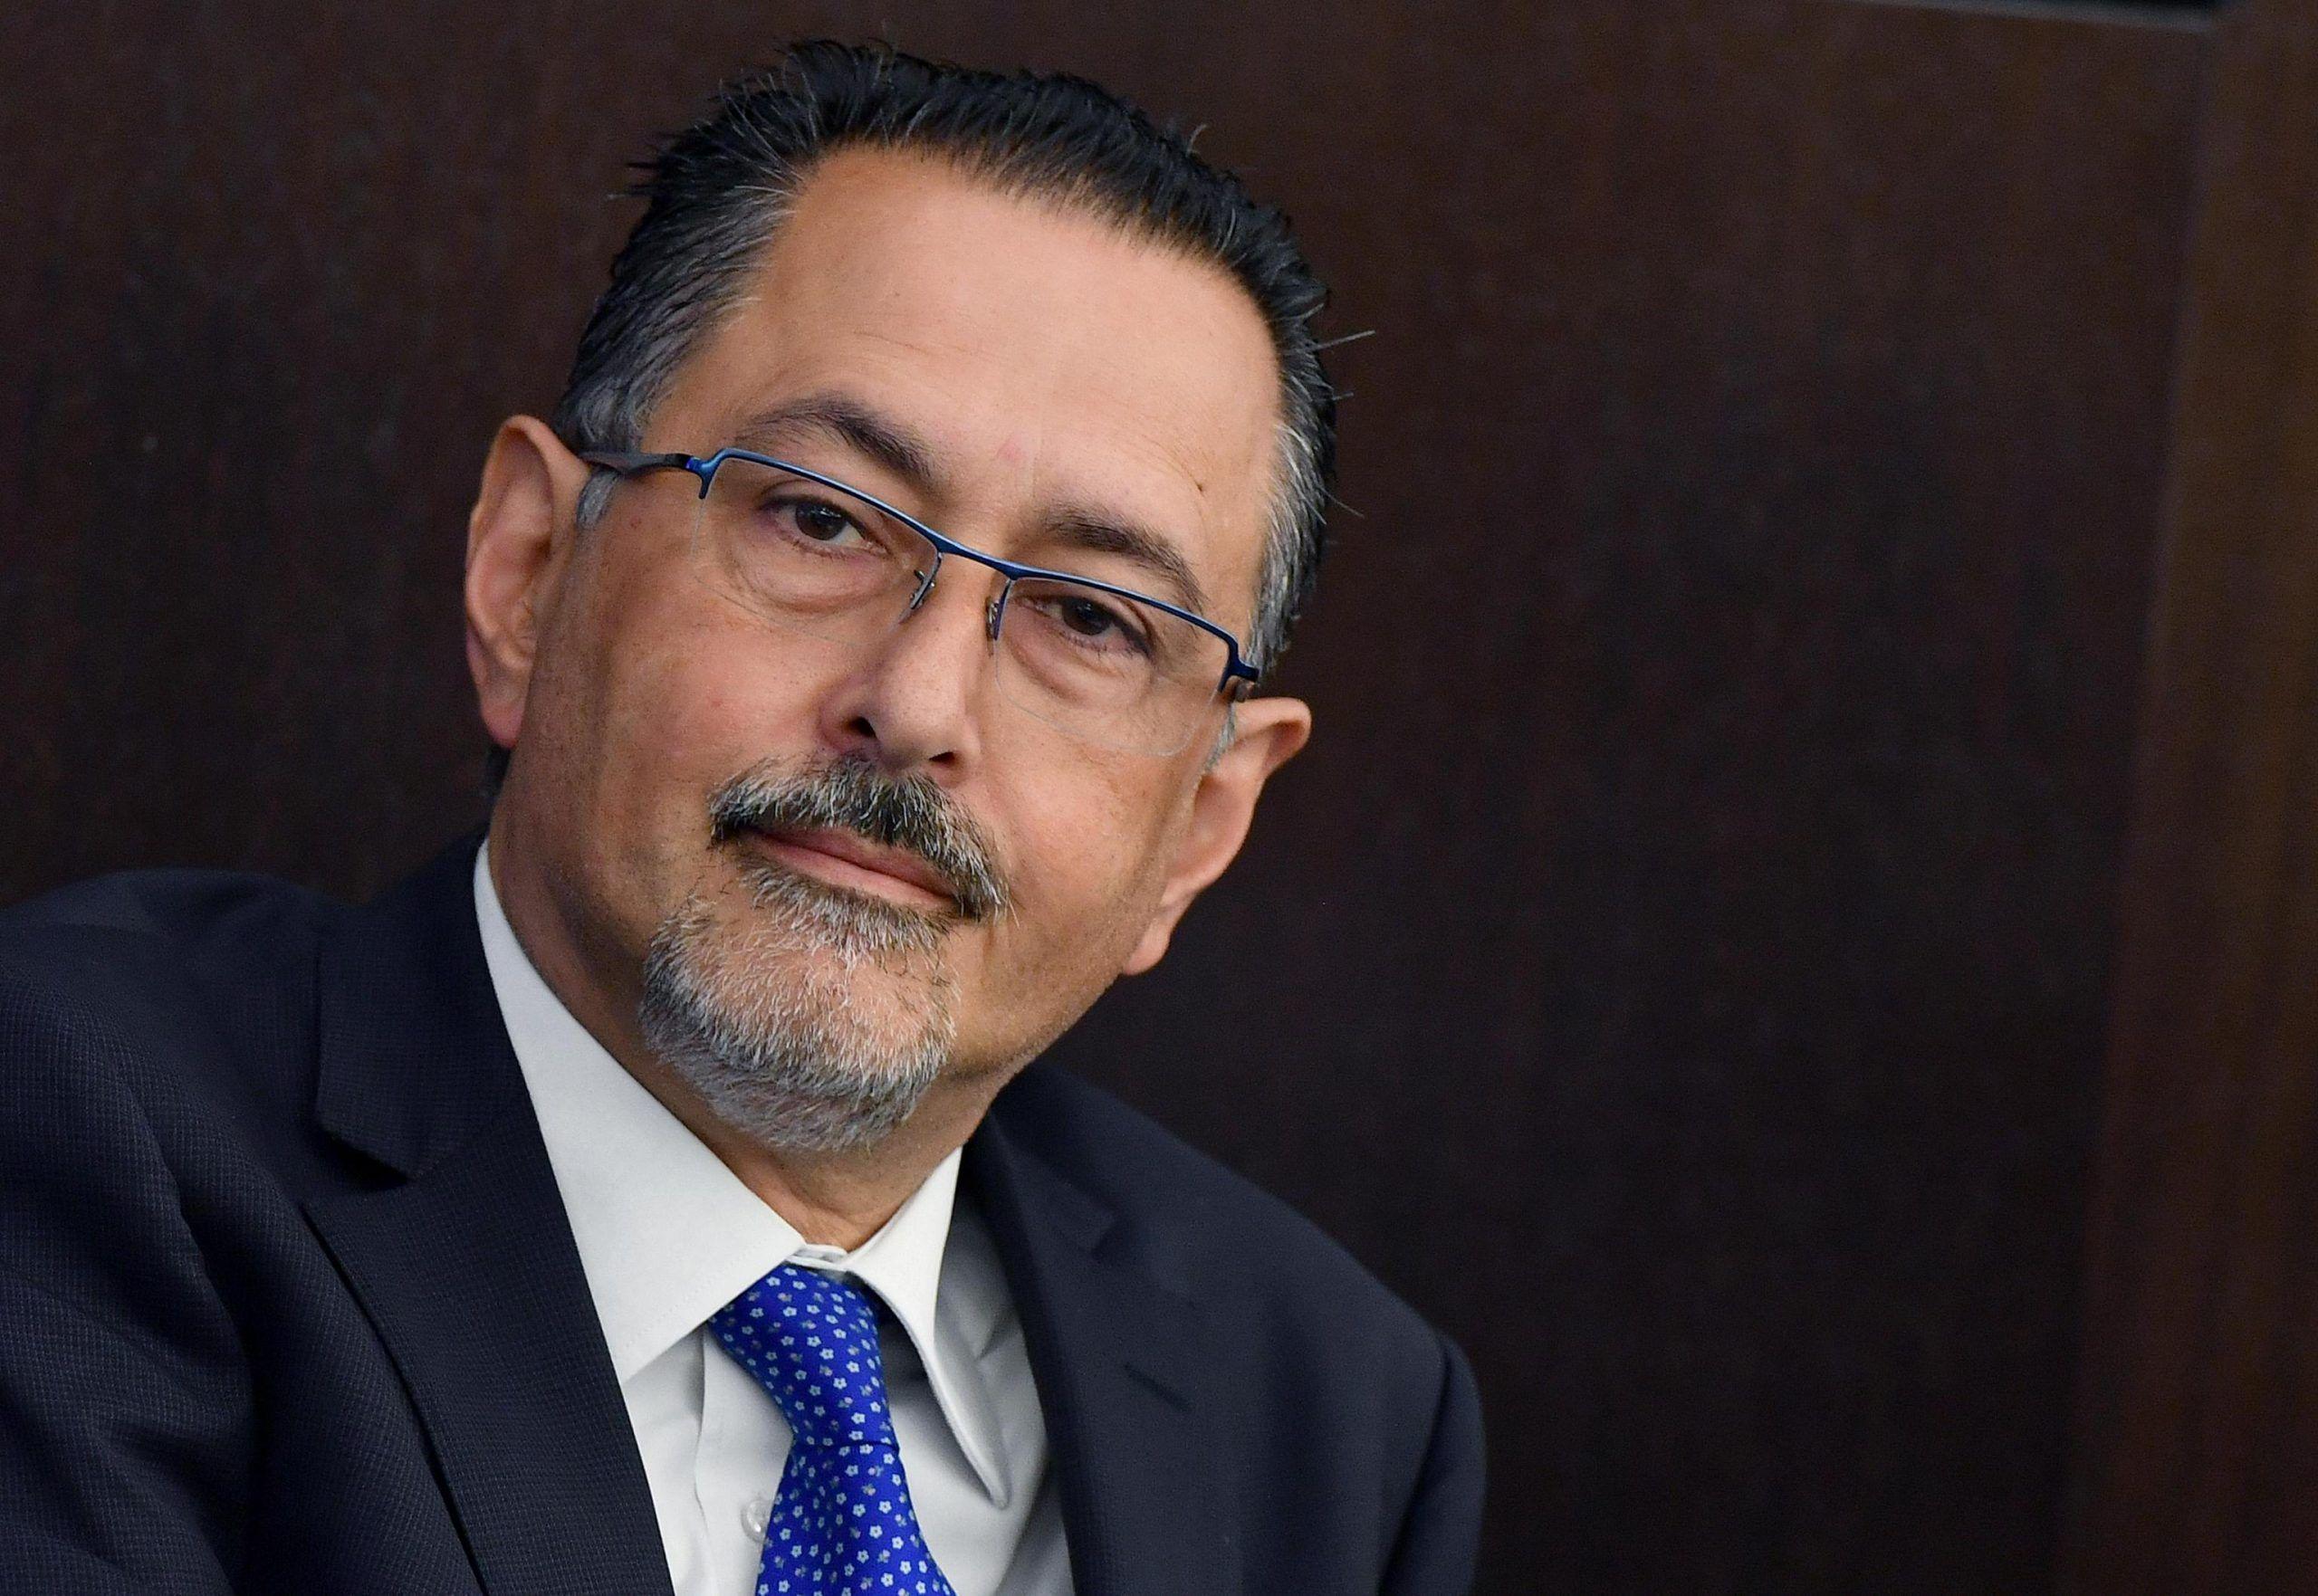 Marcello Pittella, governatore del Pd, è finito agli arresti domiciliari per falso e abuso d'ufficio